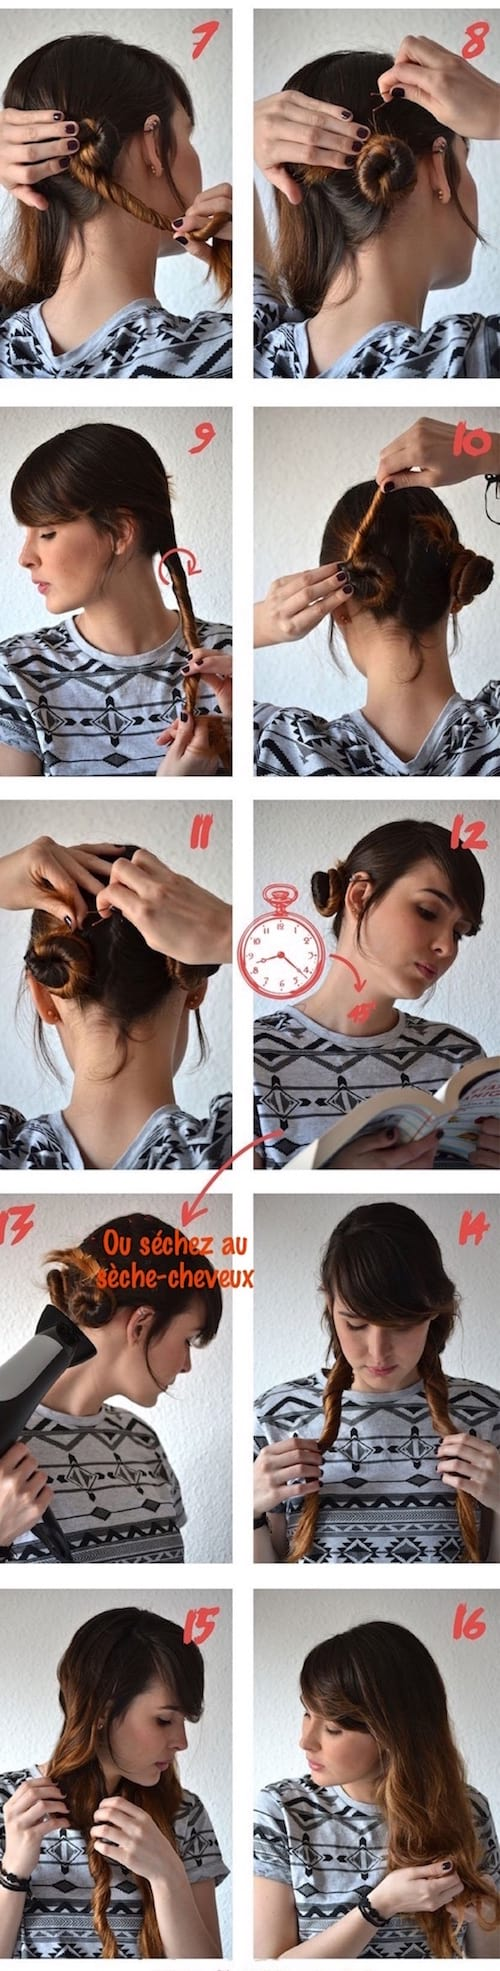 faire onduler ses cheveux avec de l'eau